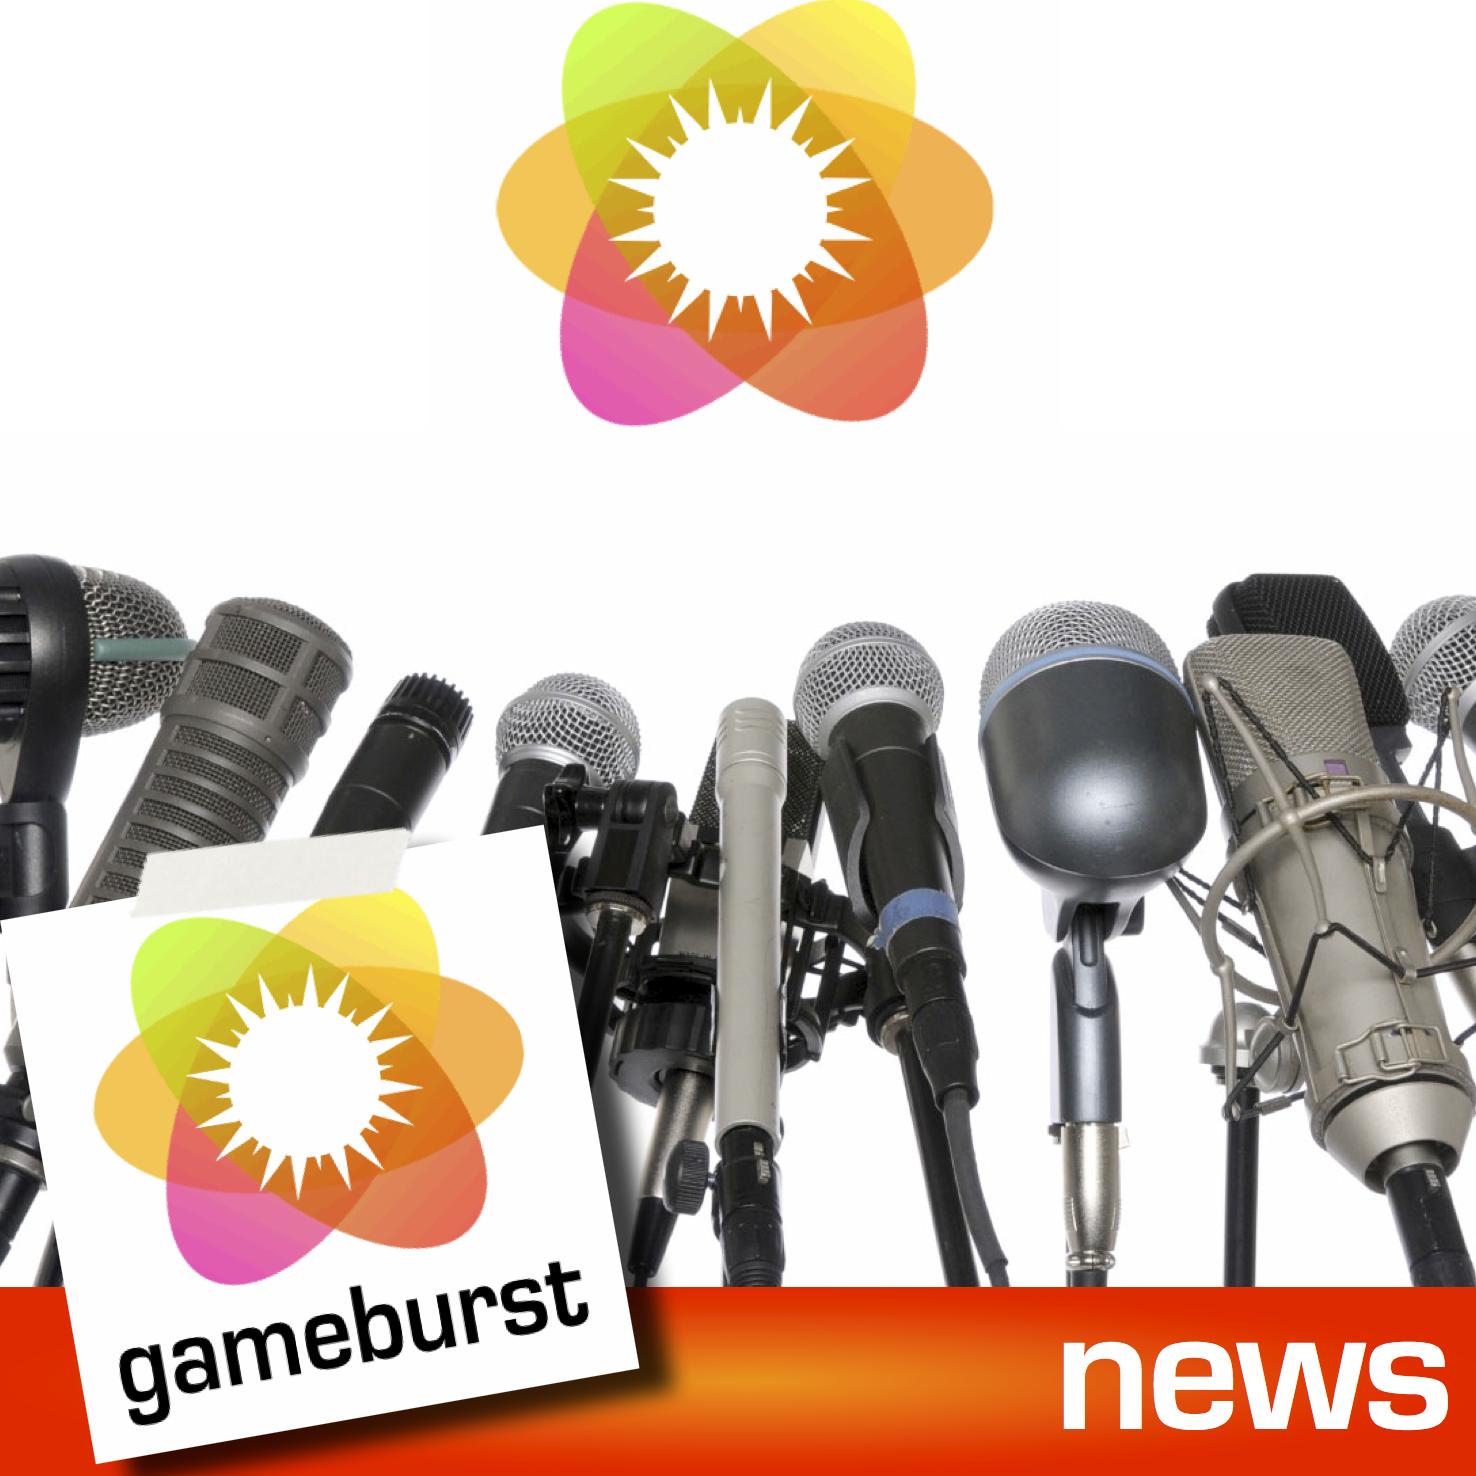 GameBurst News - December 9th 2012